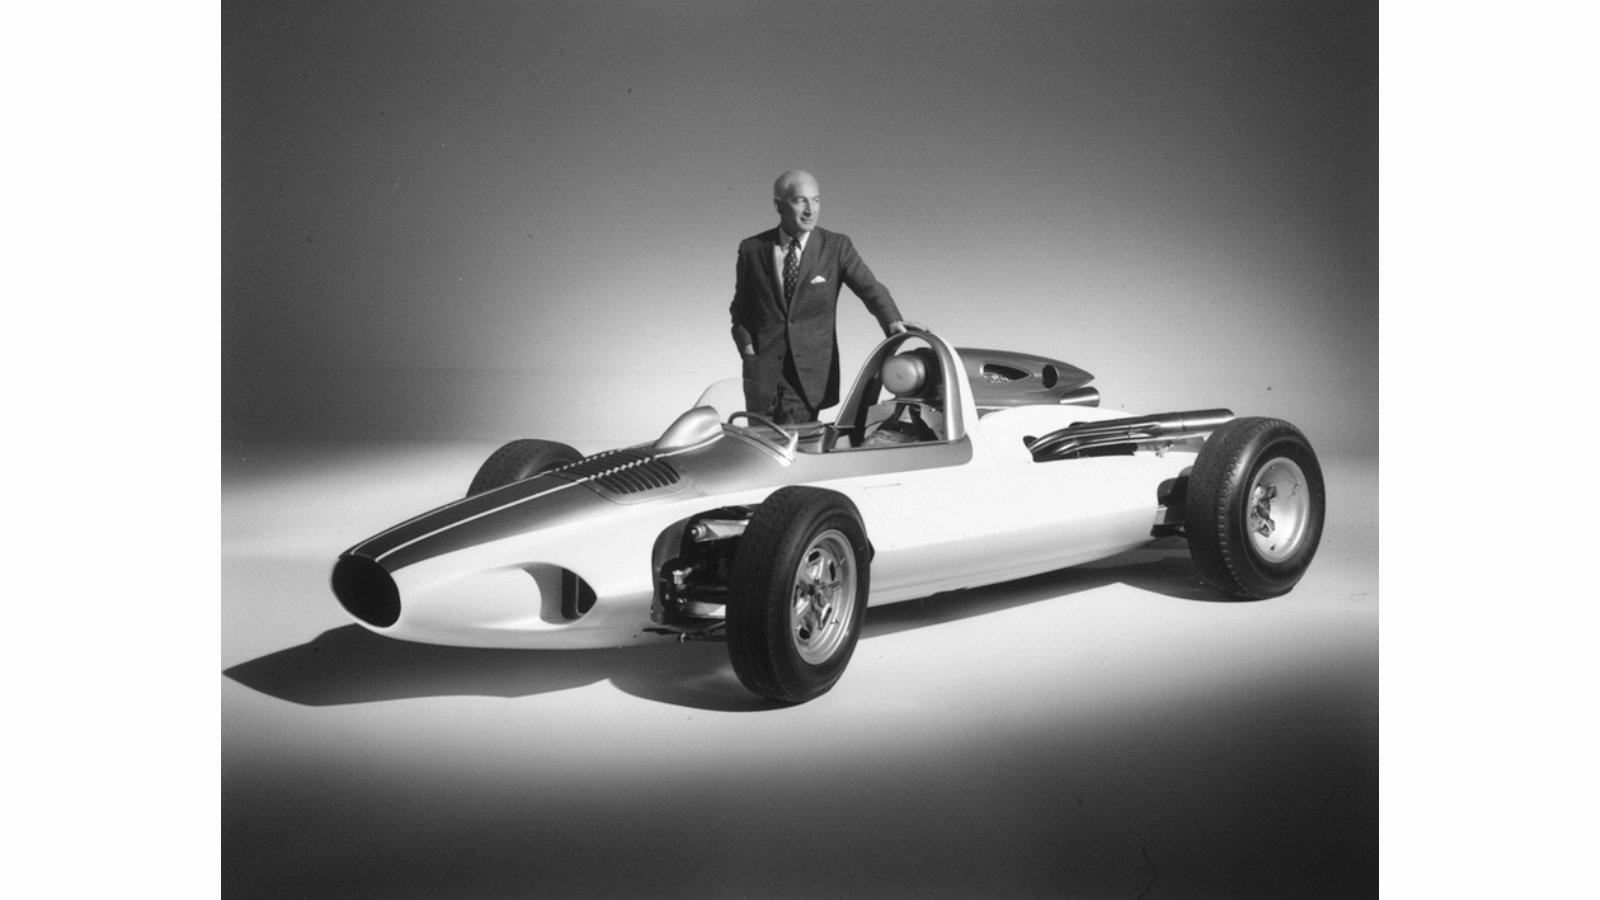 1959 CERV I